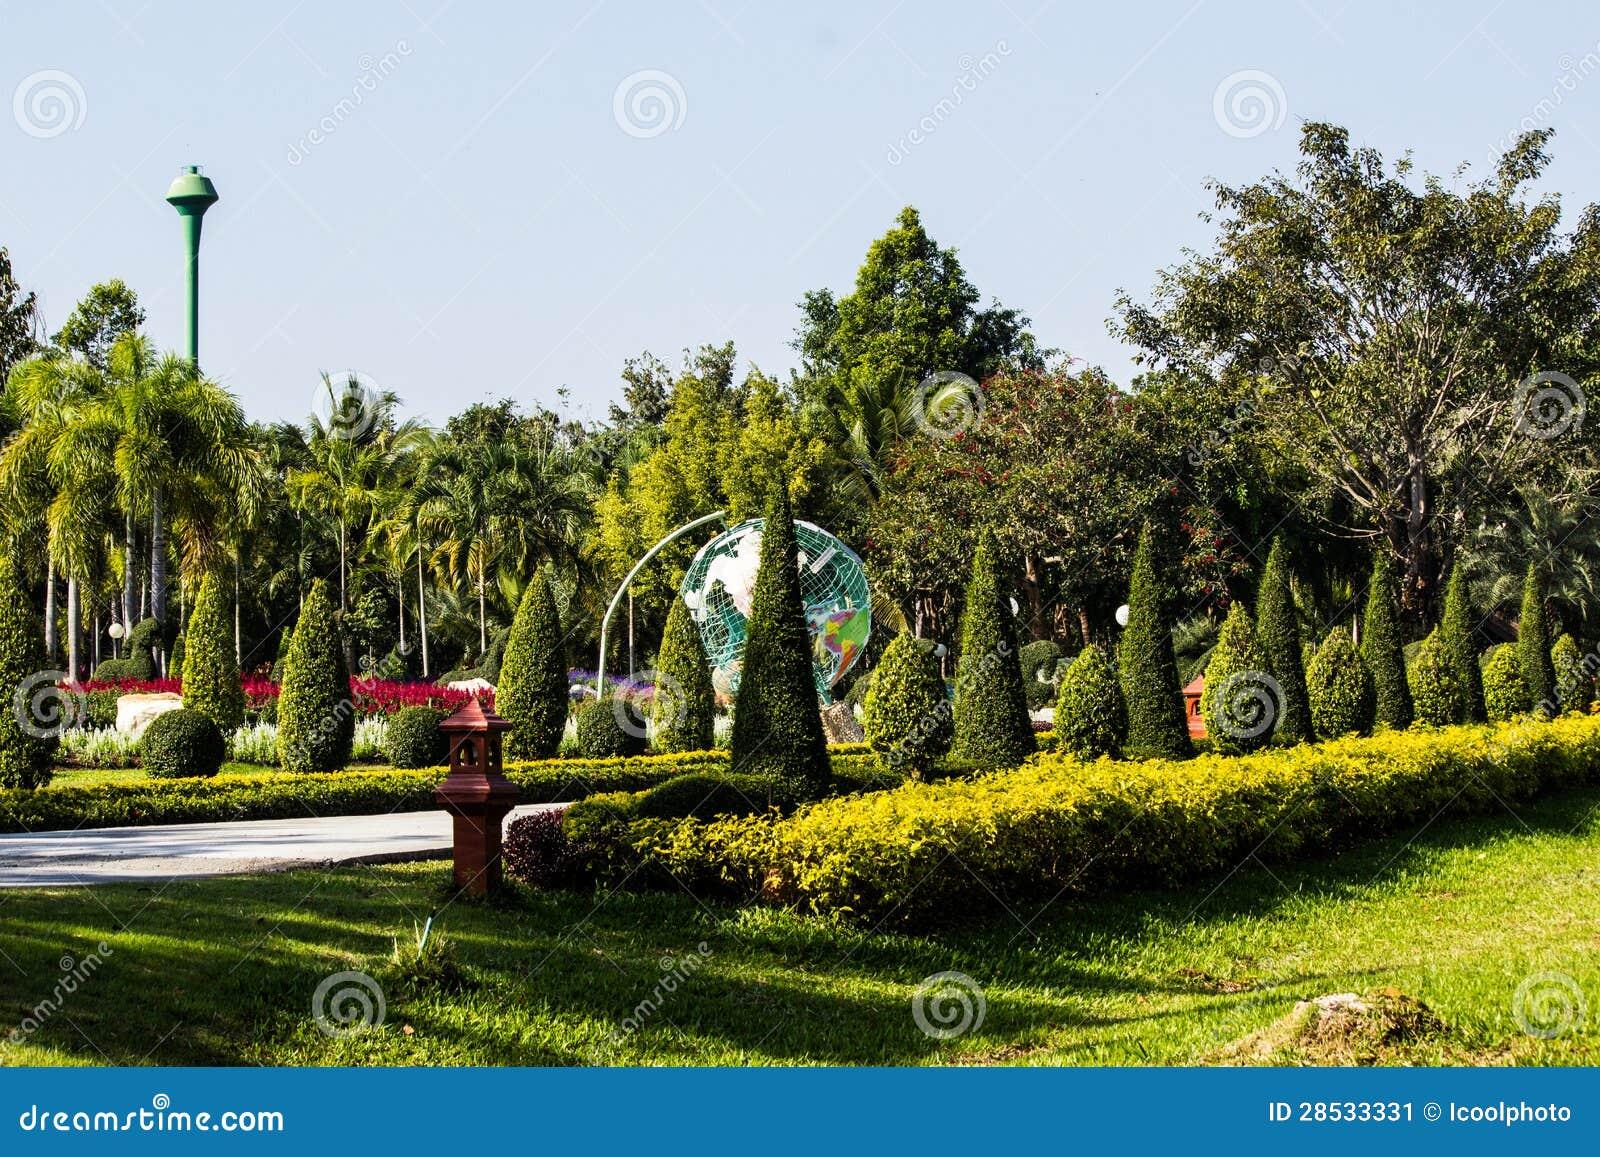 Césped verde en parque de la ciudad